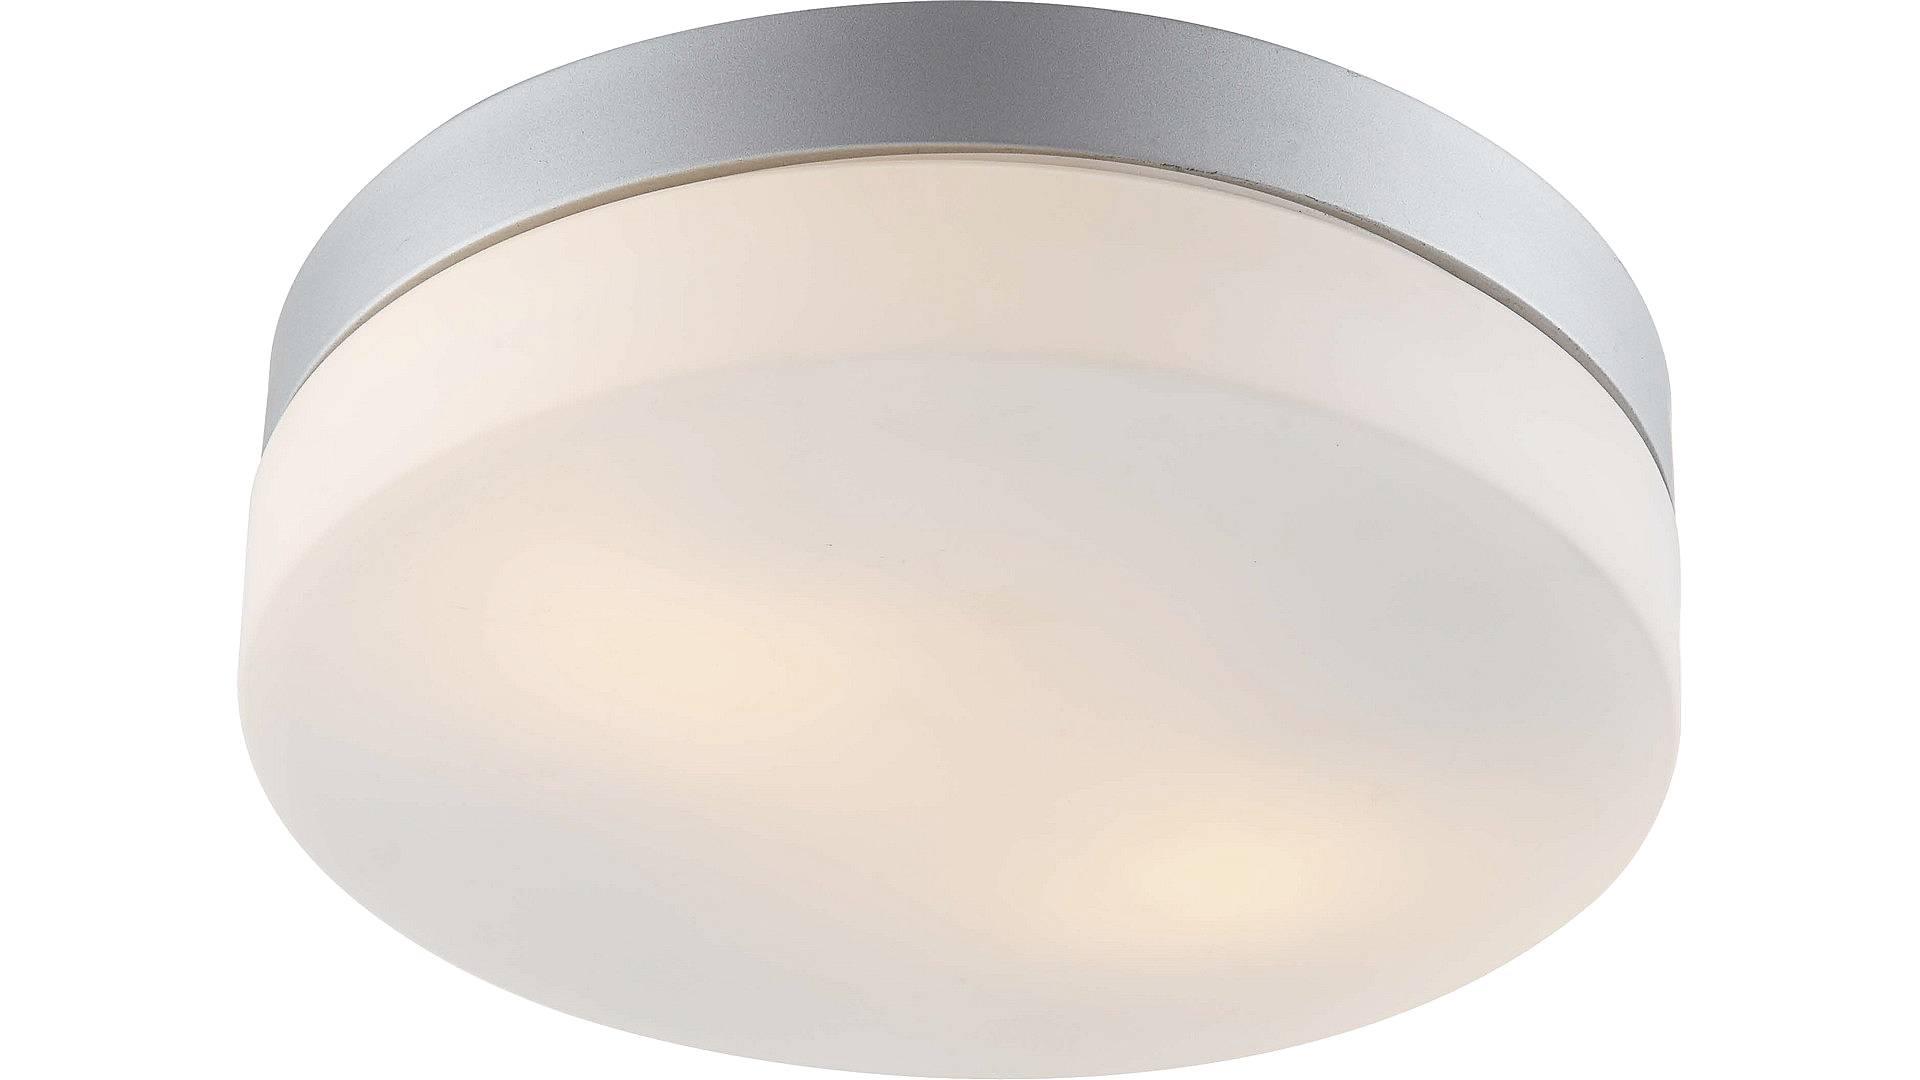 Фото товара A3211PL-2SI Arte Lamp